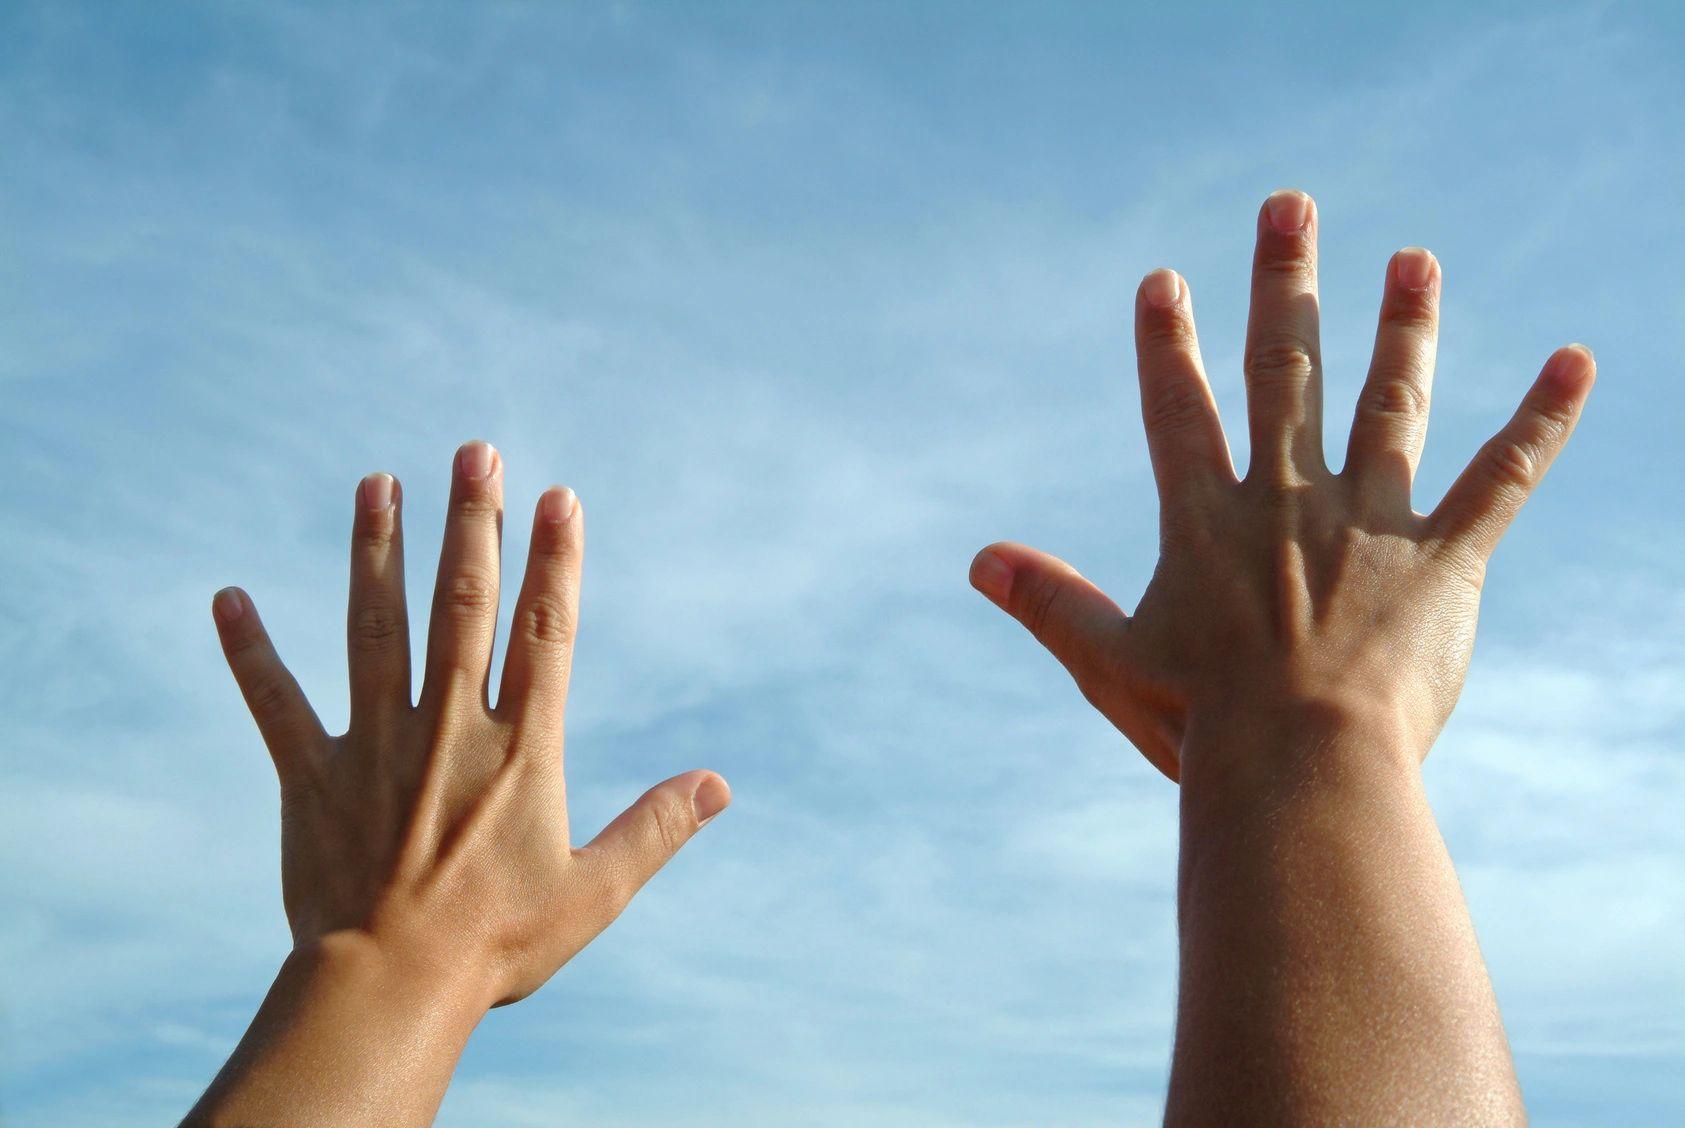 hands-sky